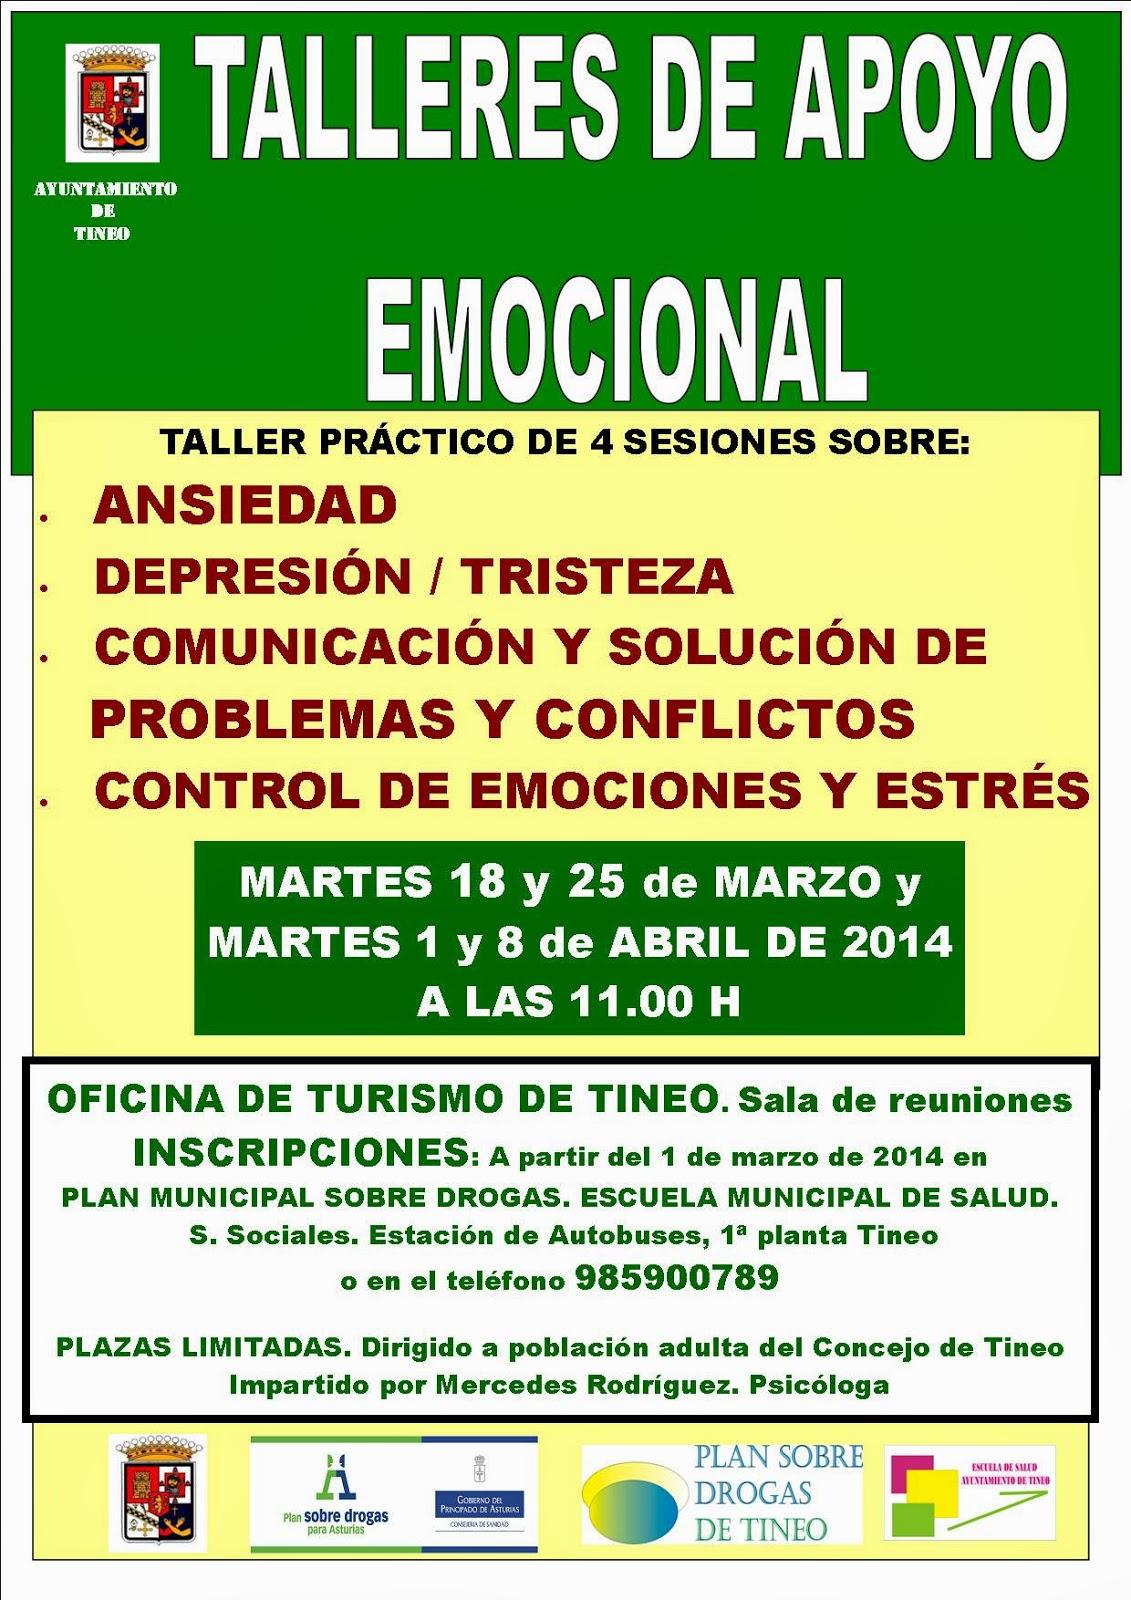 TALLERES DE APOYO EMOCIONAL EN TINEO